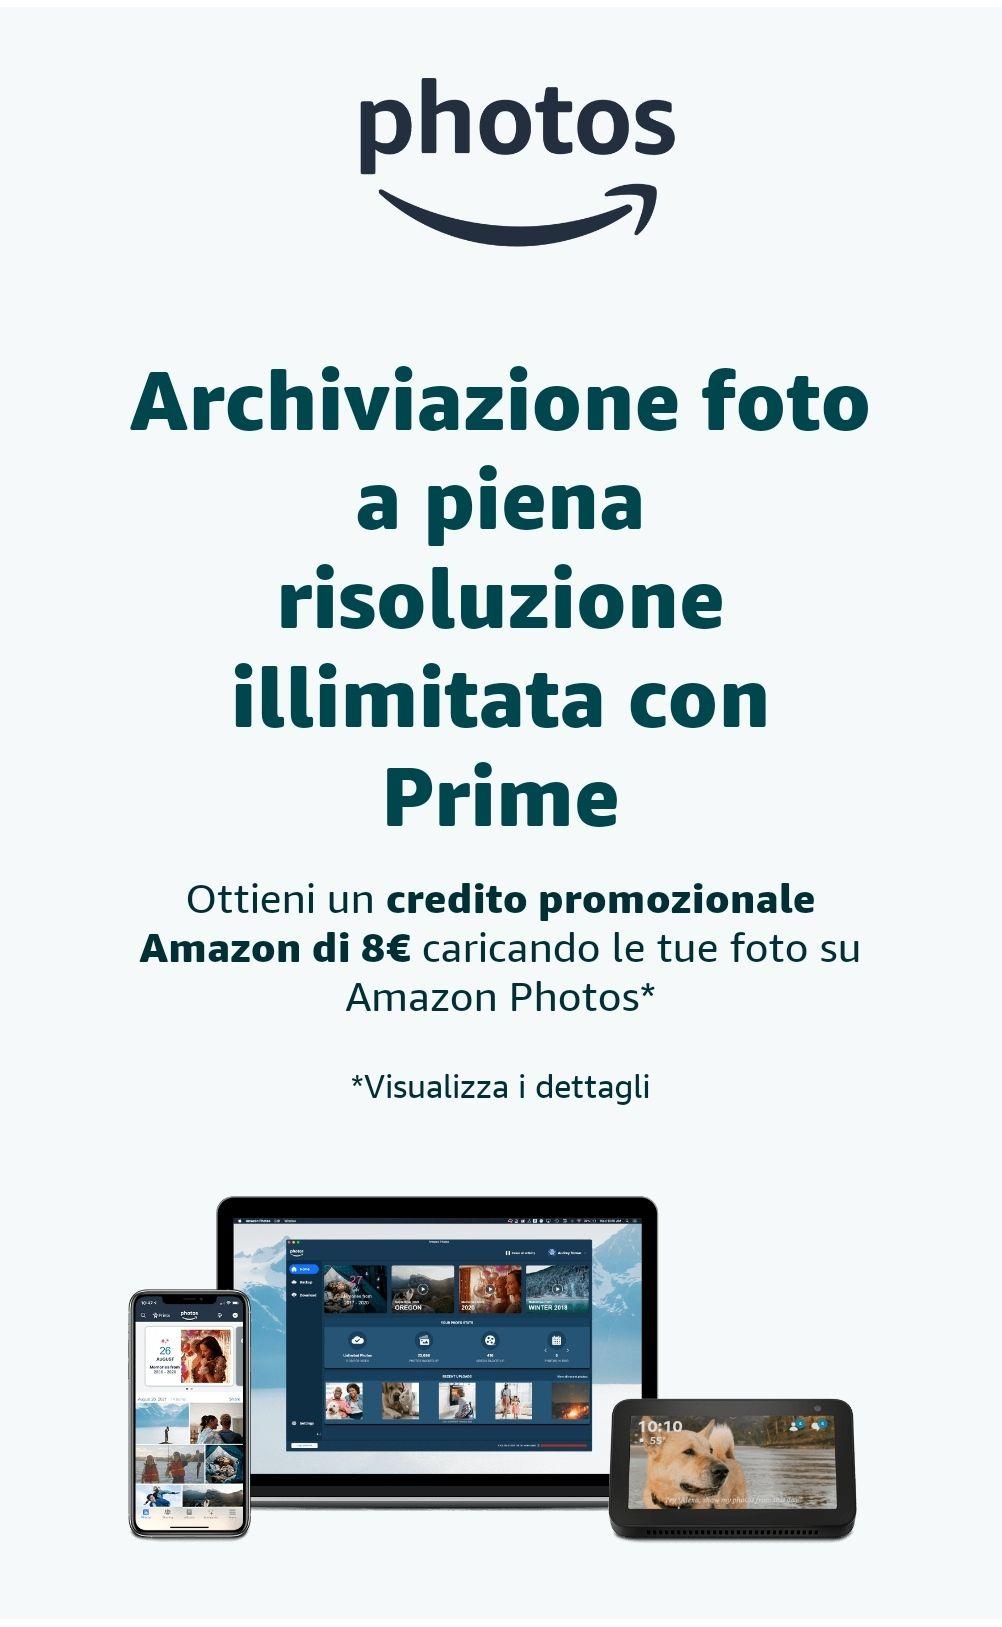 Ottieni un credito promozionale Amazon di 8€ caricando le tue foto su Amazon Photos